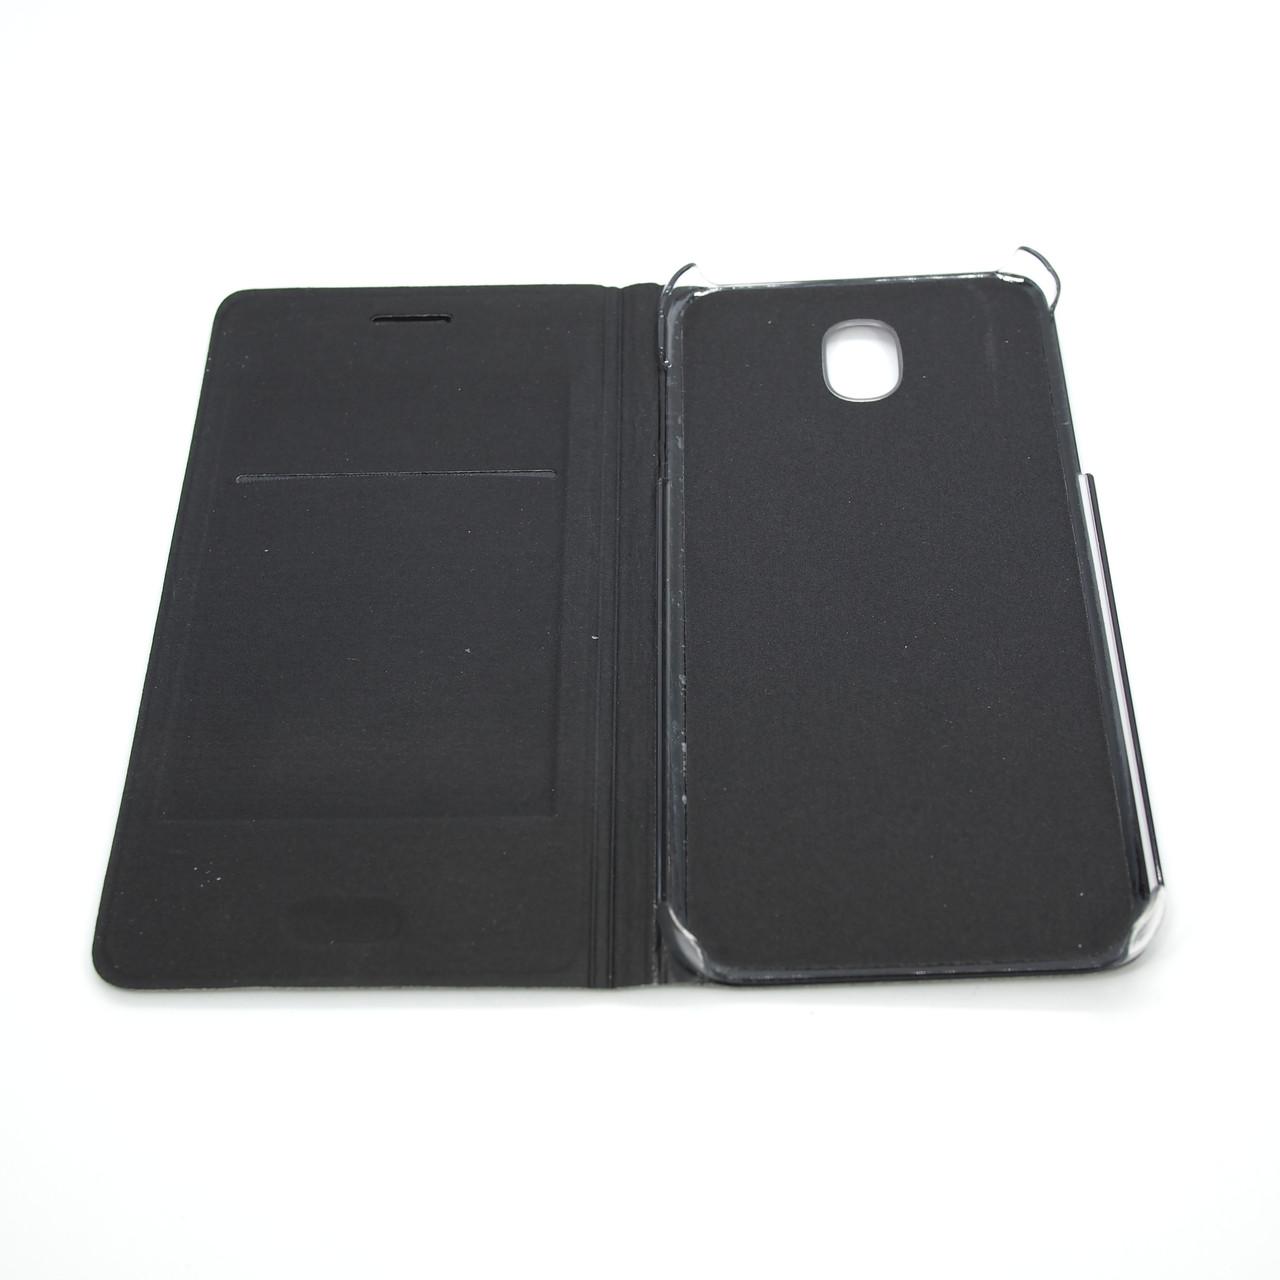 Чехол Book-case Samsung J530 black Galaxy J5 (J530) 2017 Для телефона Черный